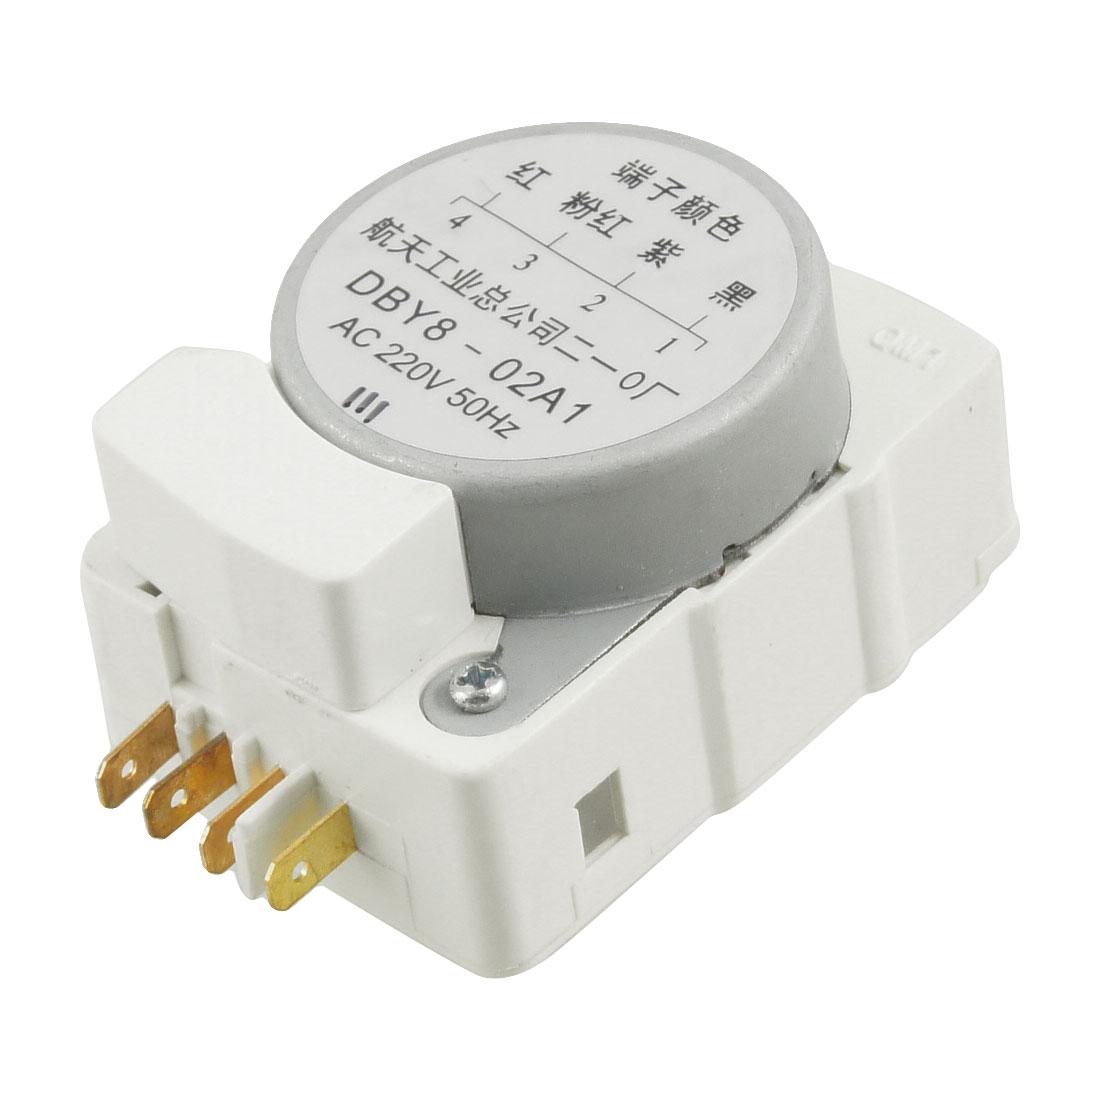 AC 220V 50Hz DBY8 02A1 4 Terminals Refrigerator Defrost Timer